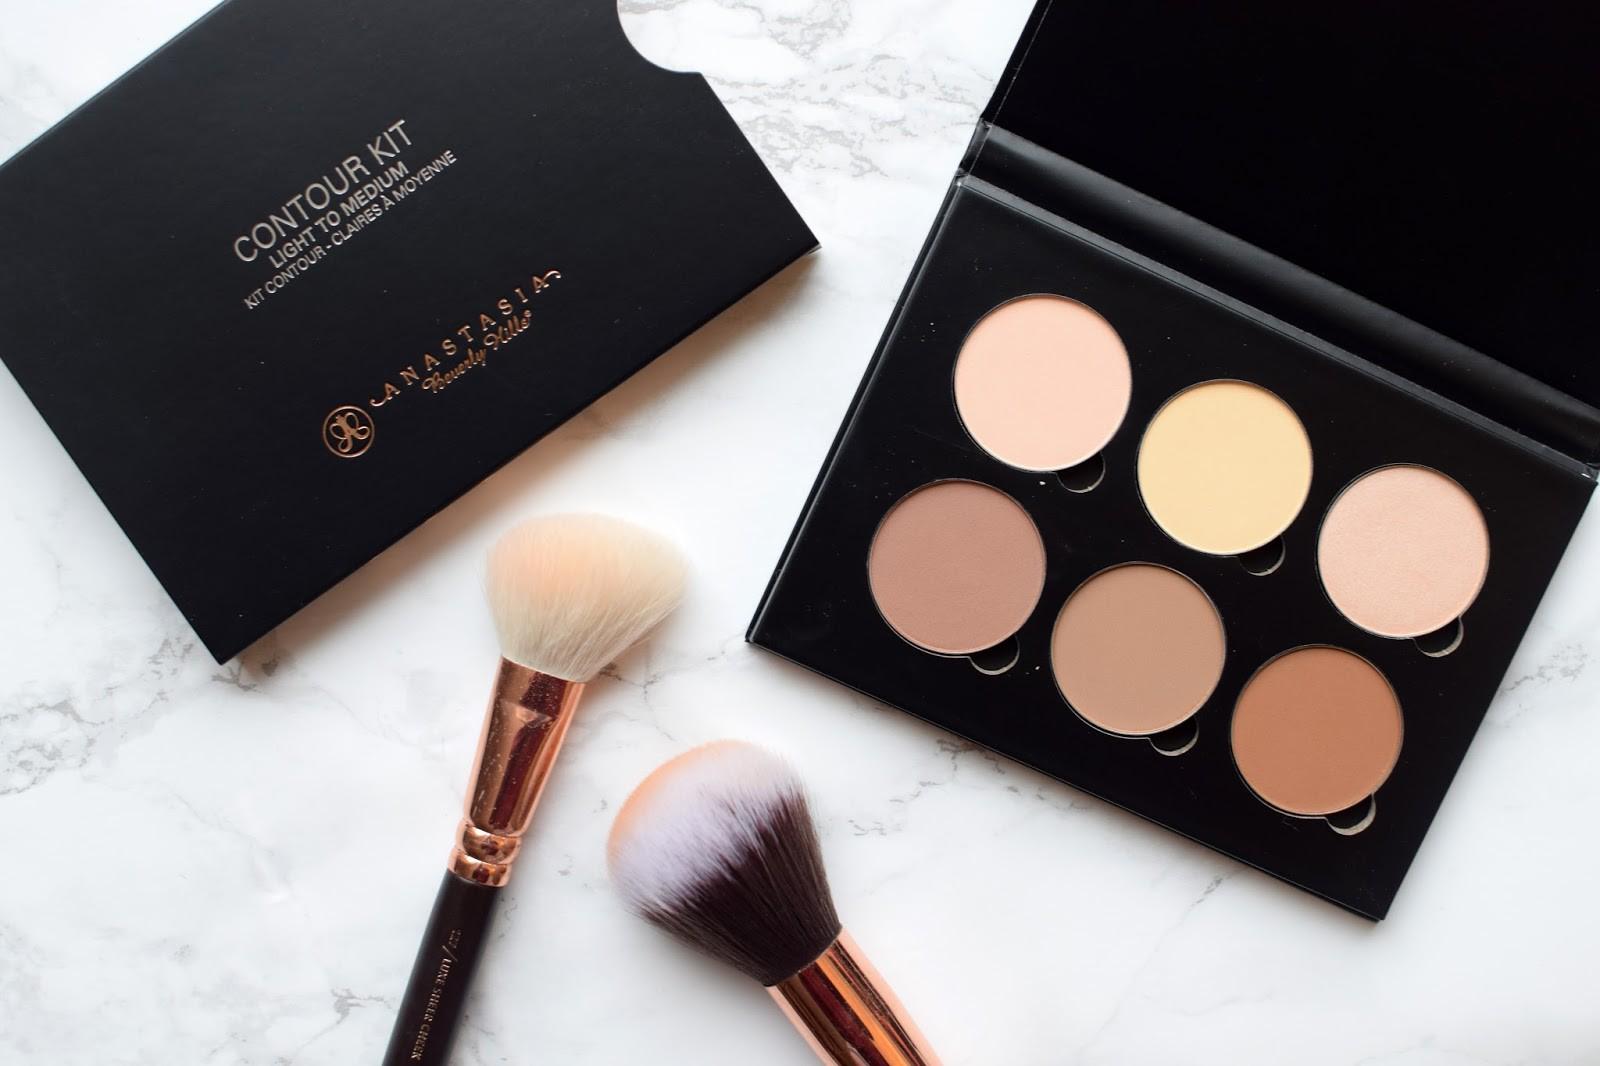 11 sản phẩm makeup huyền thoại mà bạn không thể không dùng thử nếu là một tín đồ làm đẹp chính hiệu - Ảnh 10.